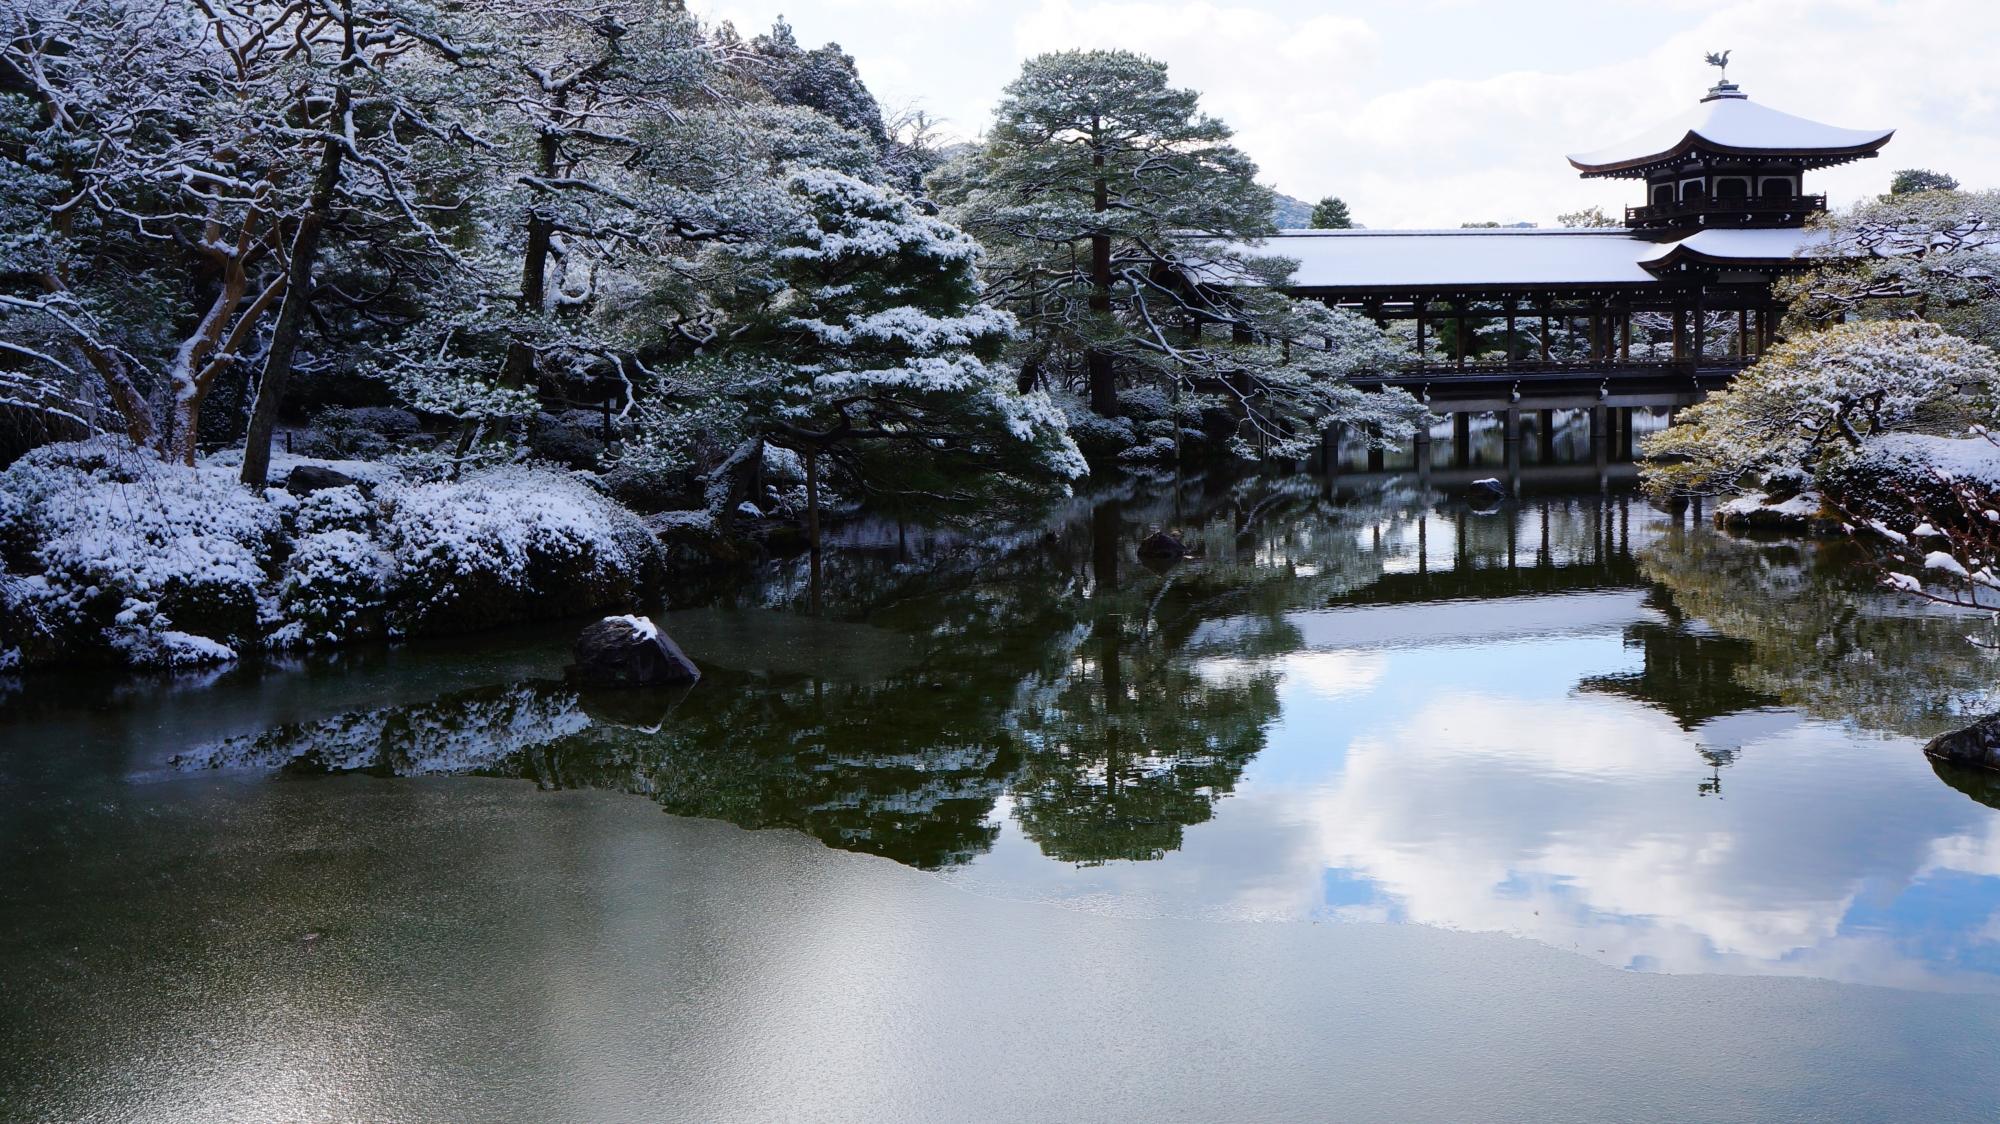 池の水面が凍る平安神宮の神苑